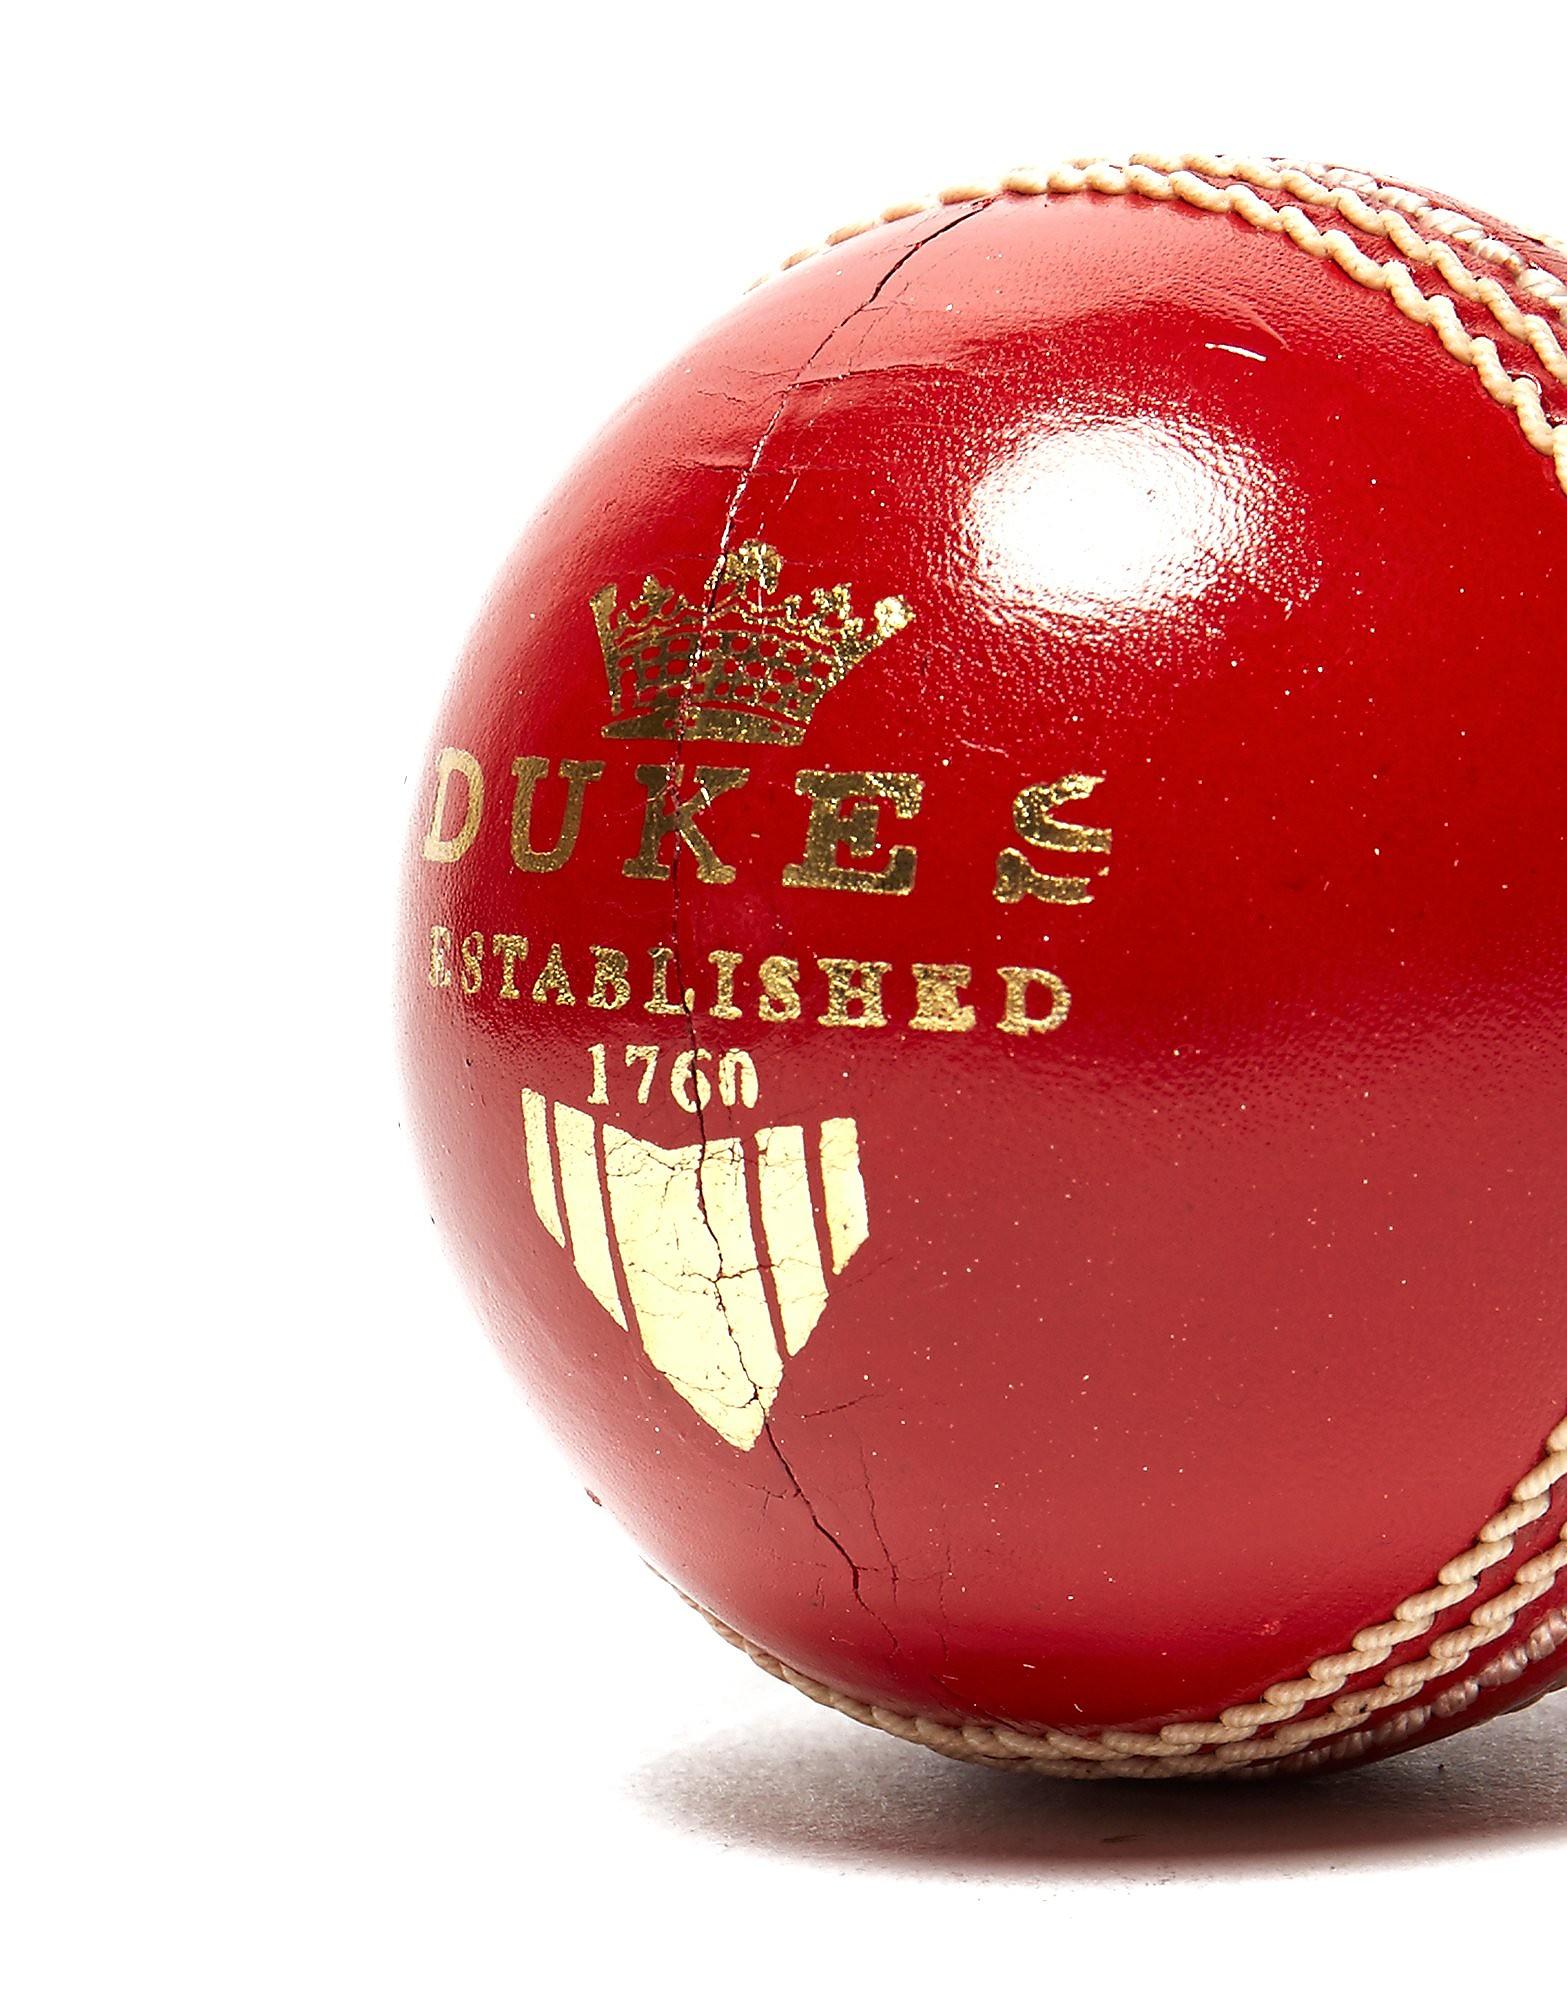 Dukes Prince Cricket Ball